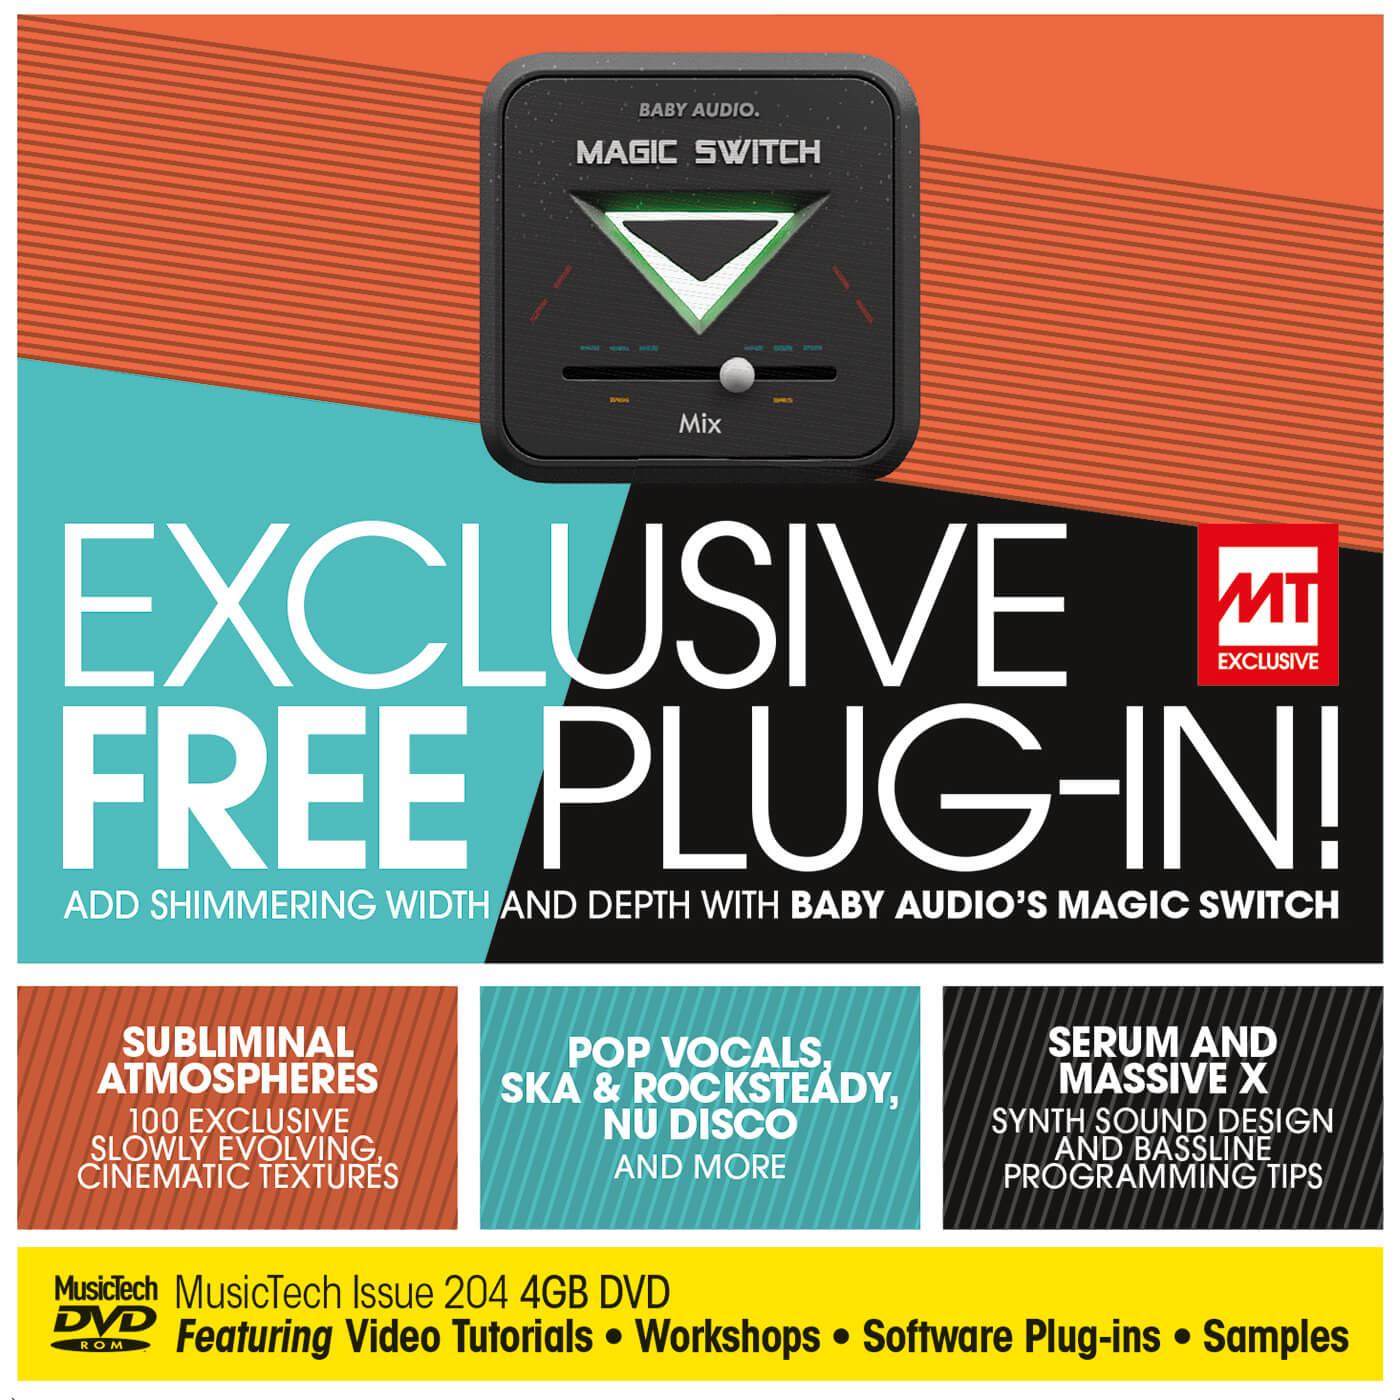 MusicTech 204 DVD cover